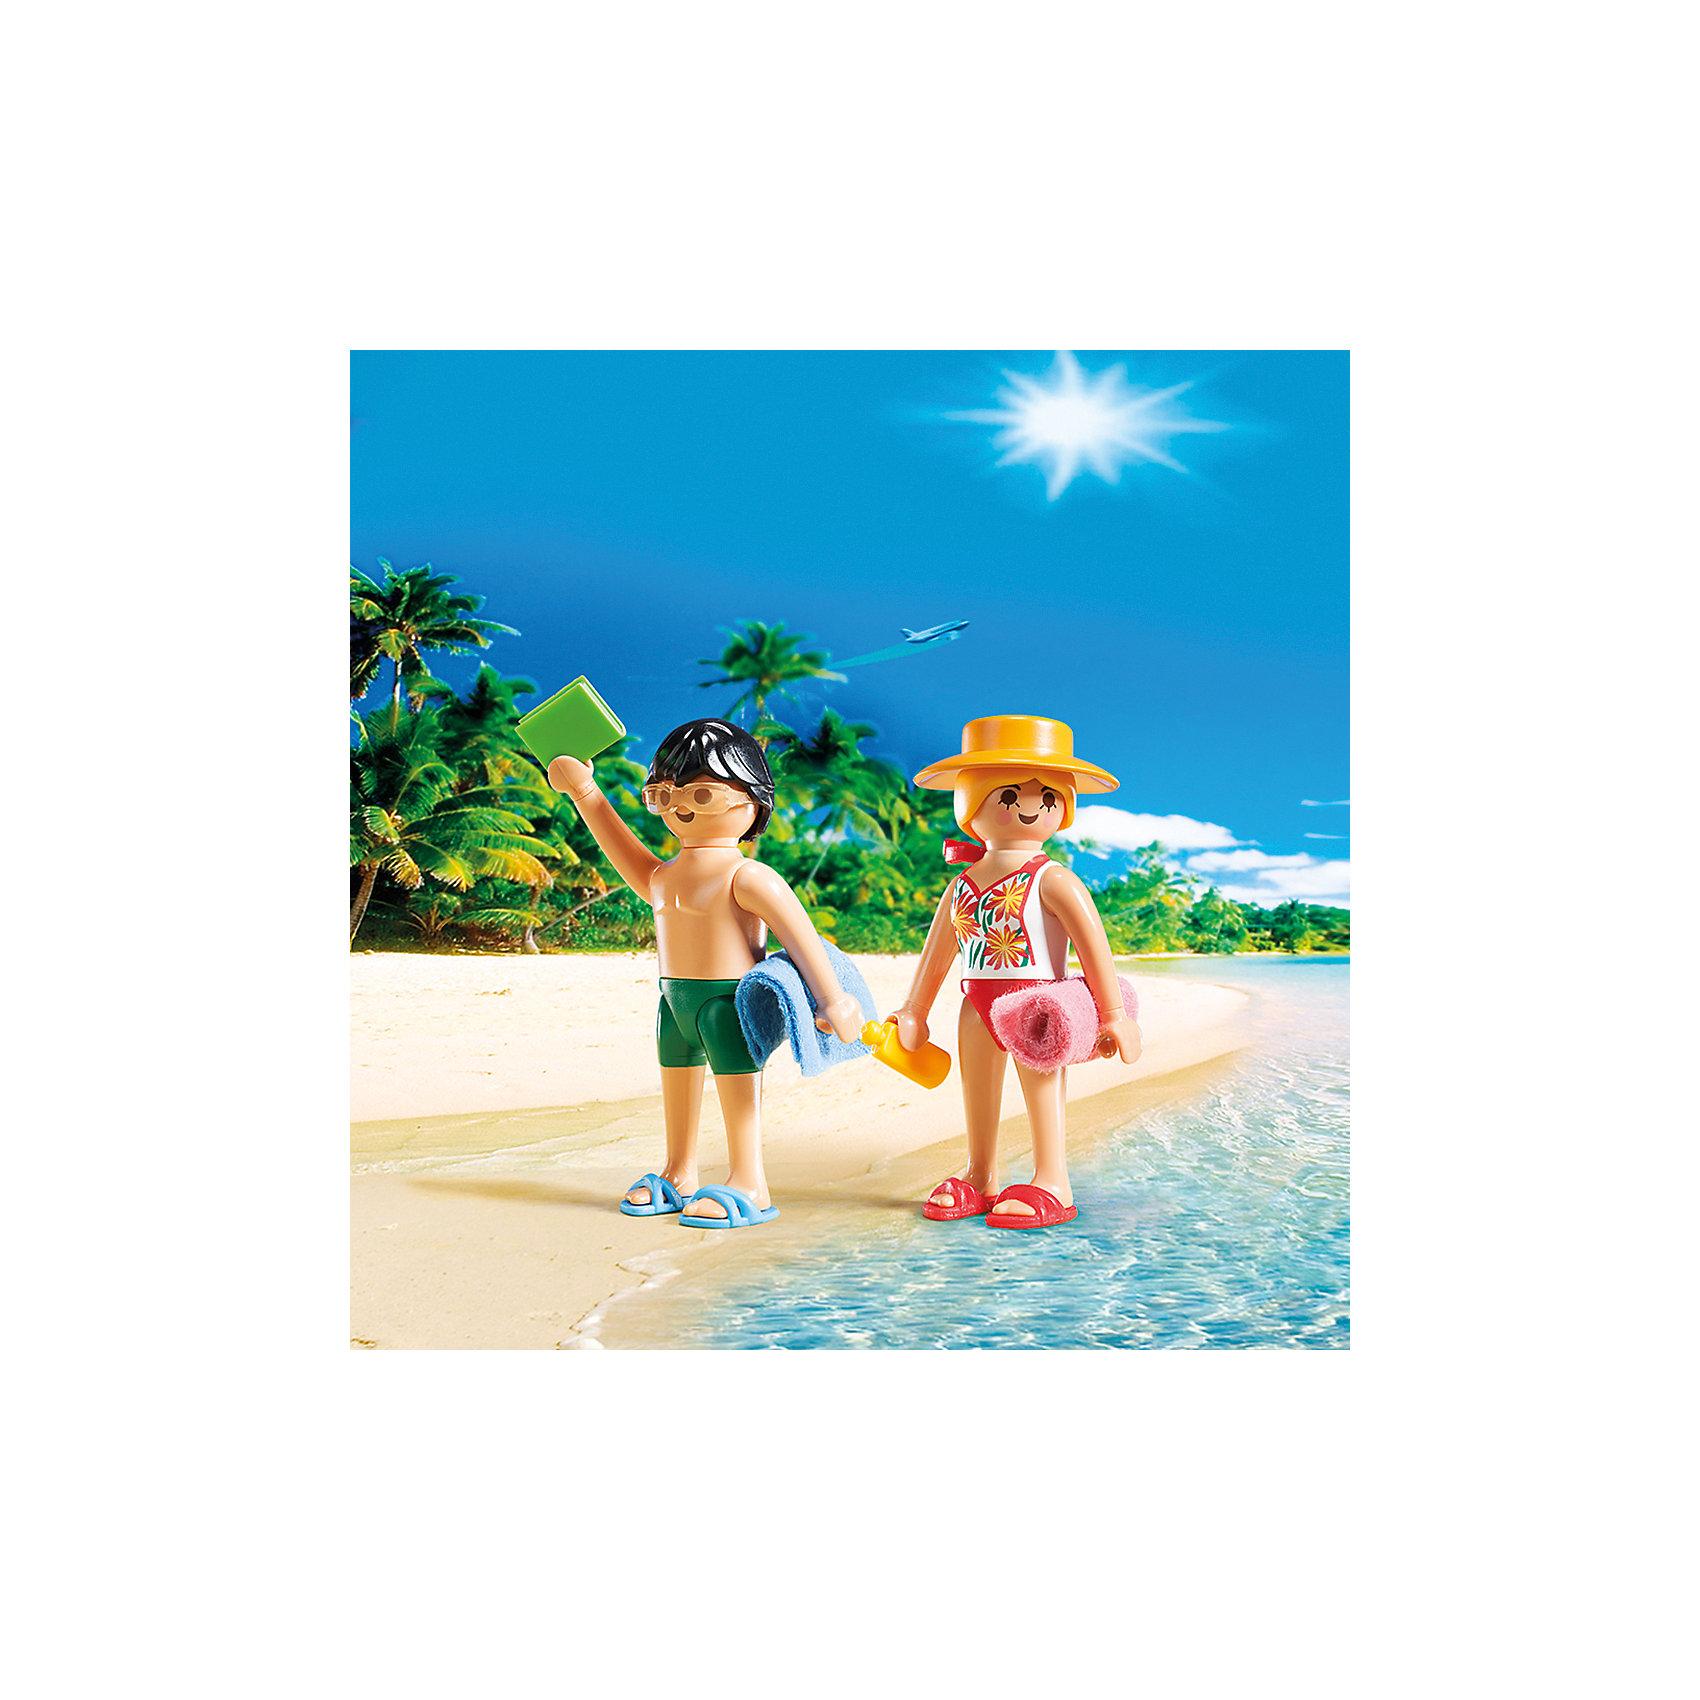 ДУО: Посетители пляжа, PLAYMOBILДУО: Посетители пляжа, PLAYMOBIL (Плэймобил)<br><br>Характеристики:<br><br>• подходит для интересного сюжета о летних приключениях <br>• изготовлены из прочных материалов<br>• в комплекте: 2 фигурки, аксессуары<br>• материал: пластик<br>• высота фигурок: 7,5 см<br>• размер упаковки: 15х15х4 см<br><br>Набор Посетители пляжа прекрасно подойдет для создания интересной истории на пляже. В комплект входят две фигурки, одетые в купальные костюмы и пляжные шлепанцы. Не обошлось и без таких важных аксессуаров как полотенца, крем для загара и книга. С этим набором ребенок сможет придумать необычную историю, которую он с радостью воплотит в игре!<br><br>ДУО: Посетители пляжа, PLAYMOBIL (Плэймобил) вы можете купить в нашем интернет-магазине.<br><br>Ширина мм: 150<br>Глубина мм: 147<br>Высота мм: 42<br>Вес г: 55<br>Возраст от месяцев: 48<br>Возраст до месяцев: 120<br>Пол: Унисекс<br>Возраст: Детский<br>SKU: 3786359